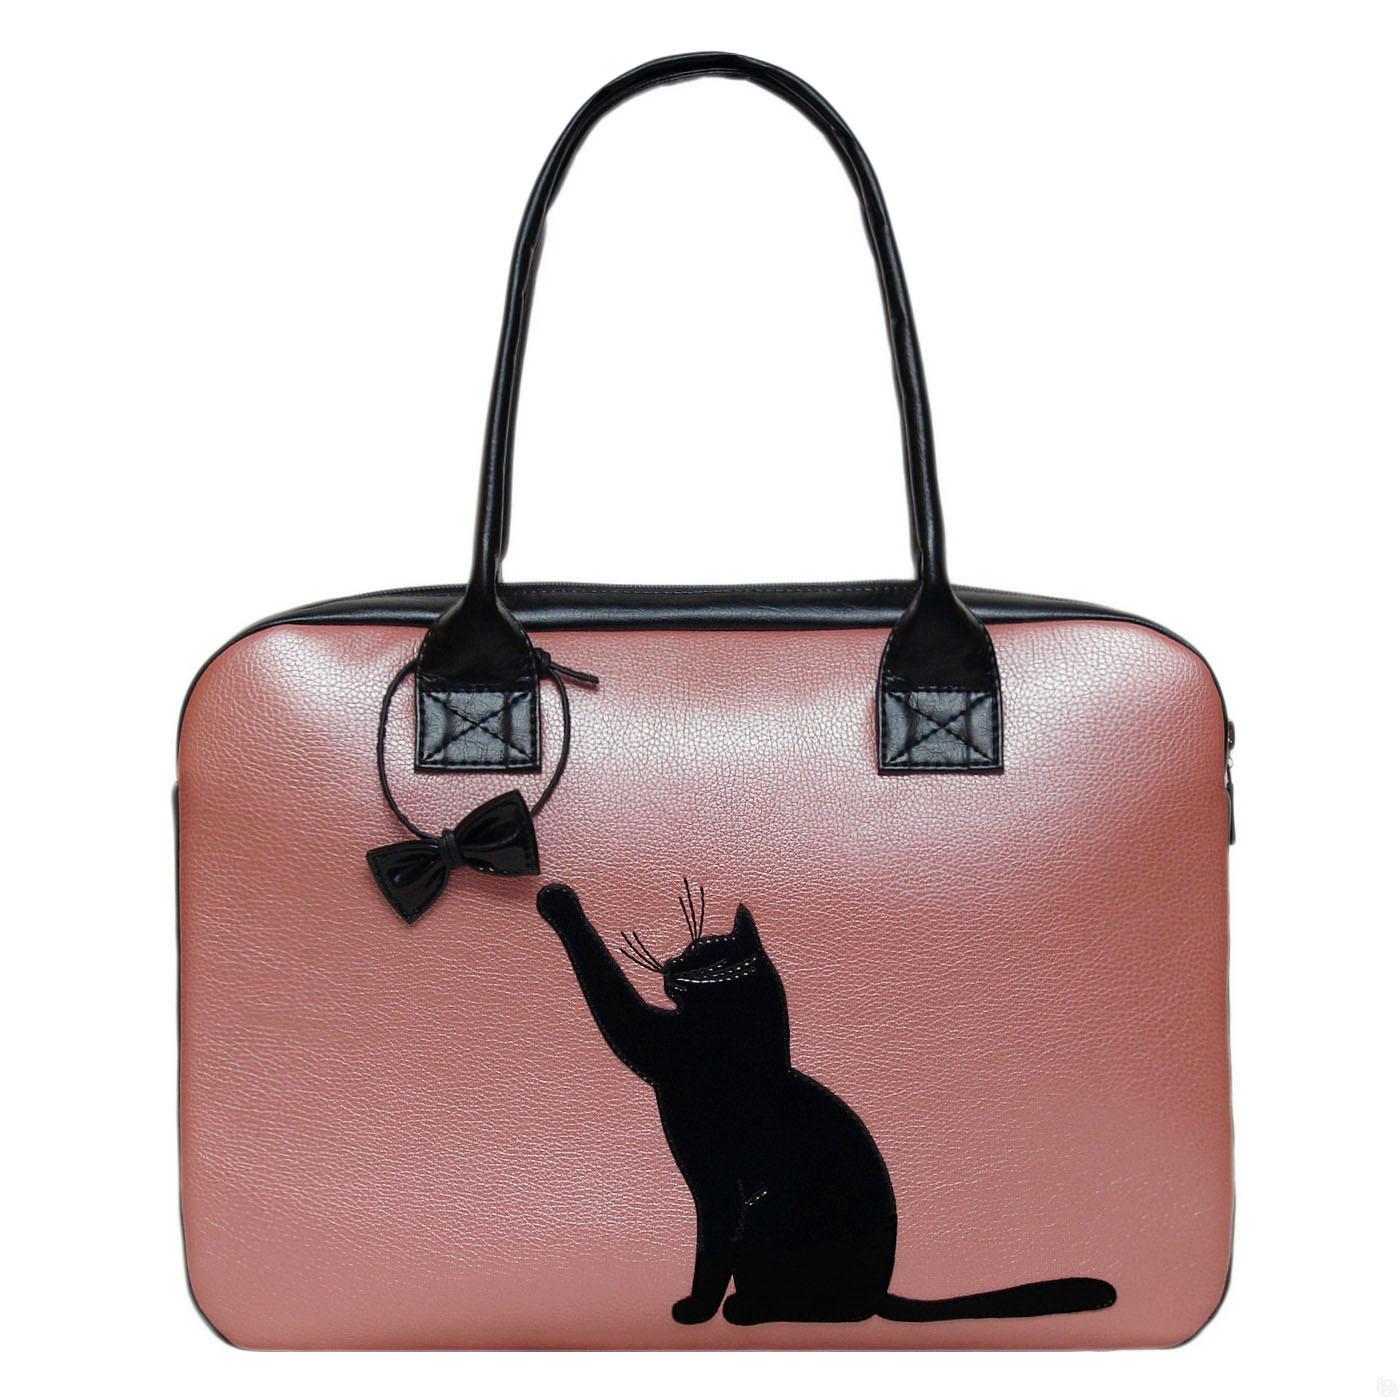 d54a206d37cc Почему бы не украсить свой гардероб стильным и модным аксессуаром с кошкой,  ведь сегодня сумки с кошками – это тренд, один из самых ярких акцентов  стиля.